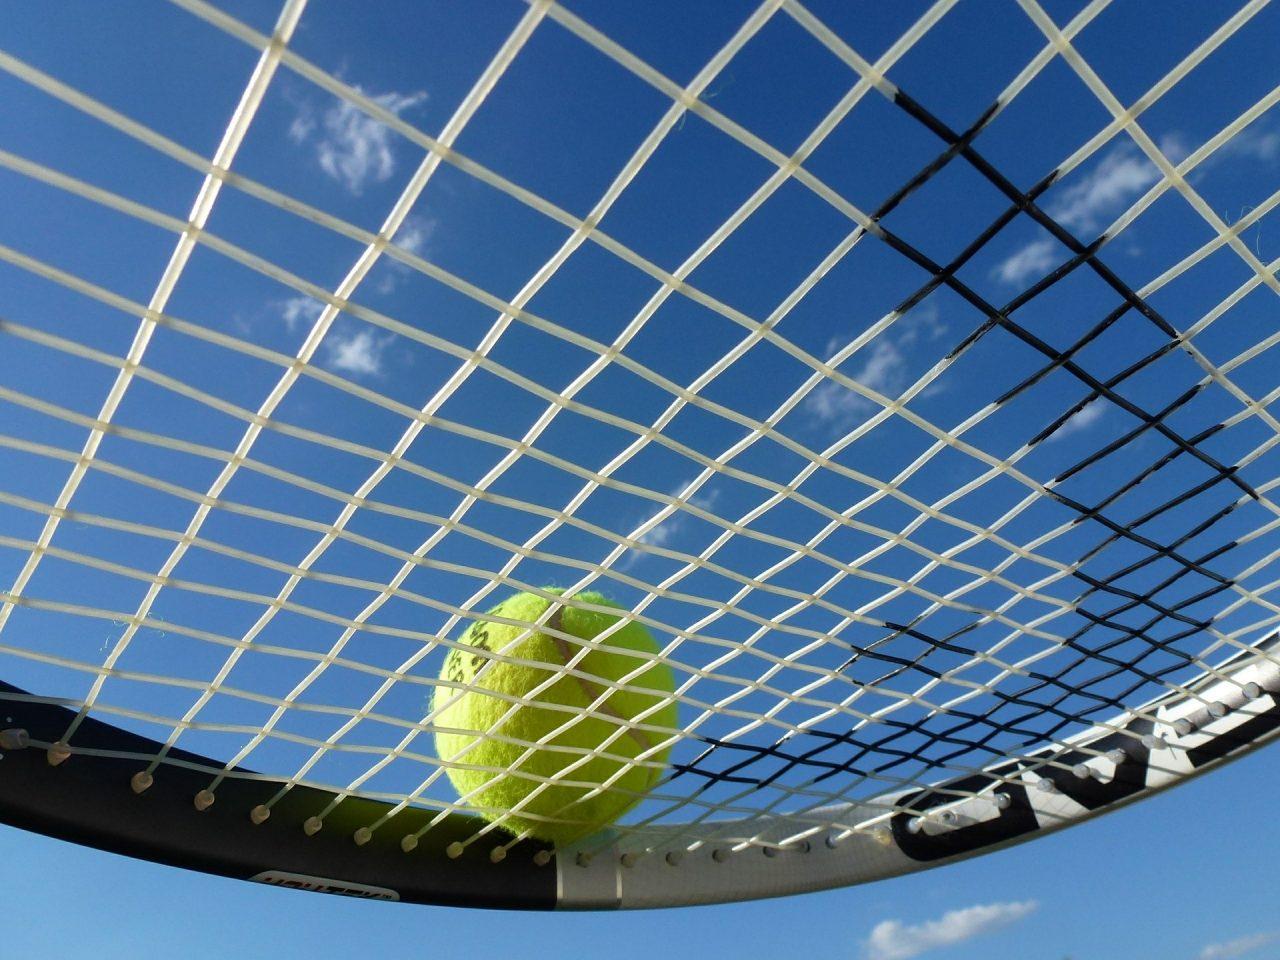 tennis-363666_1920-1280x960.jpg